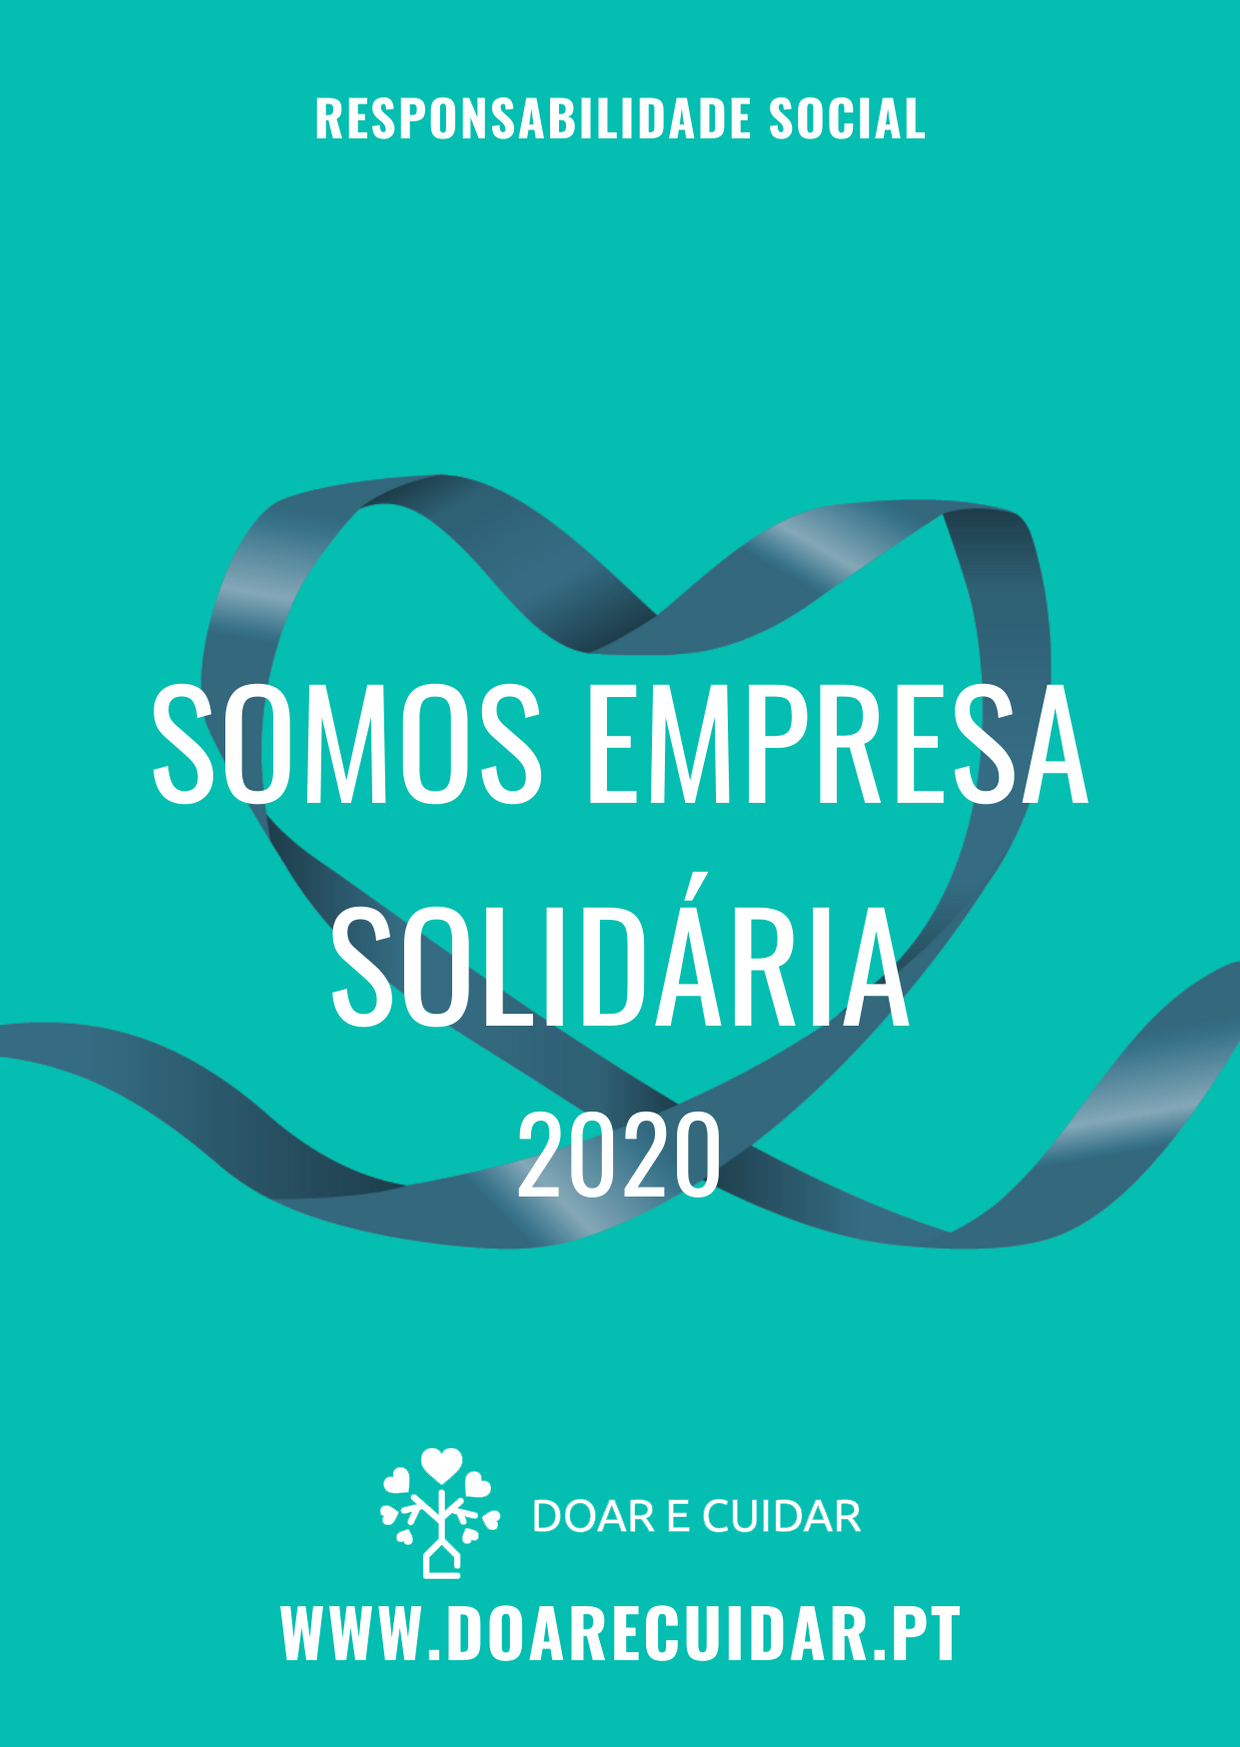 Nasceu em Braga um projeto solidário: Doar e Cuidar